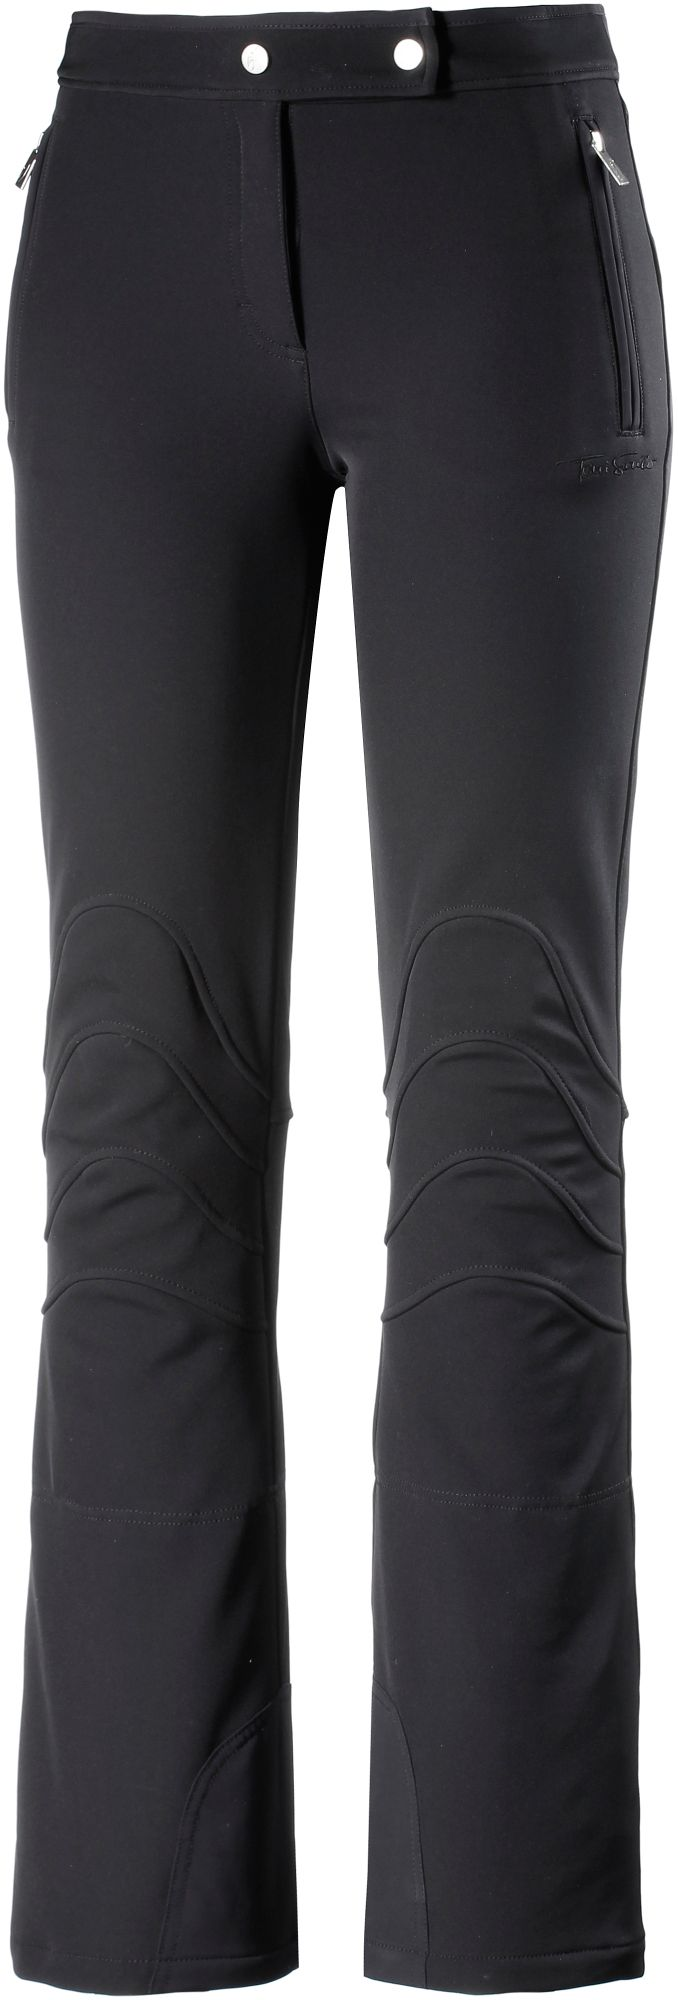 Sestriere Skihose Damen in schwarz, Größe 38